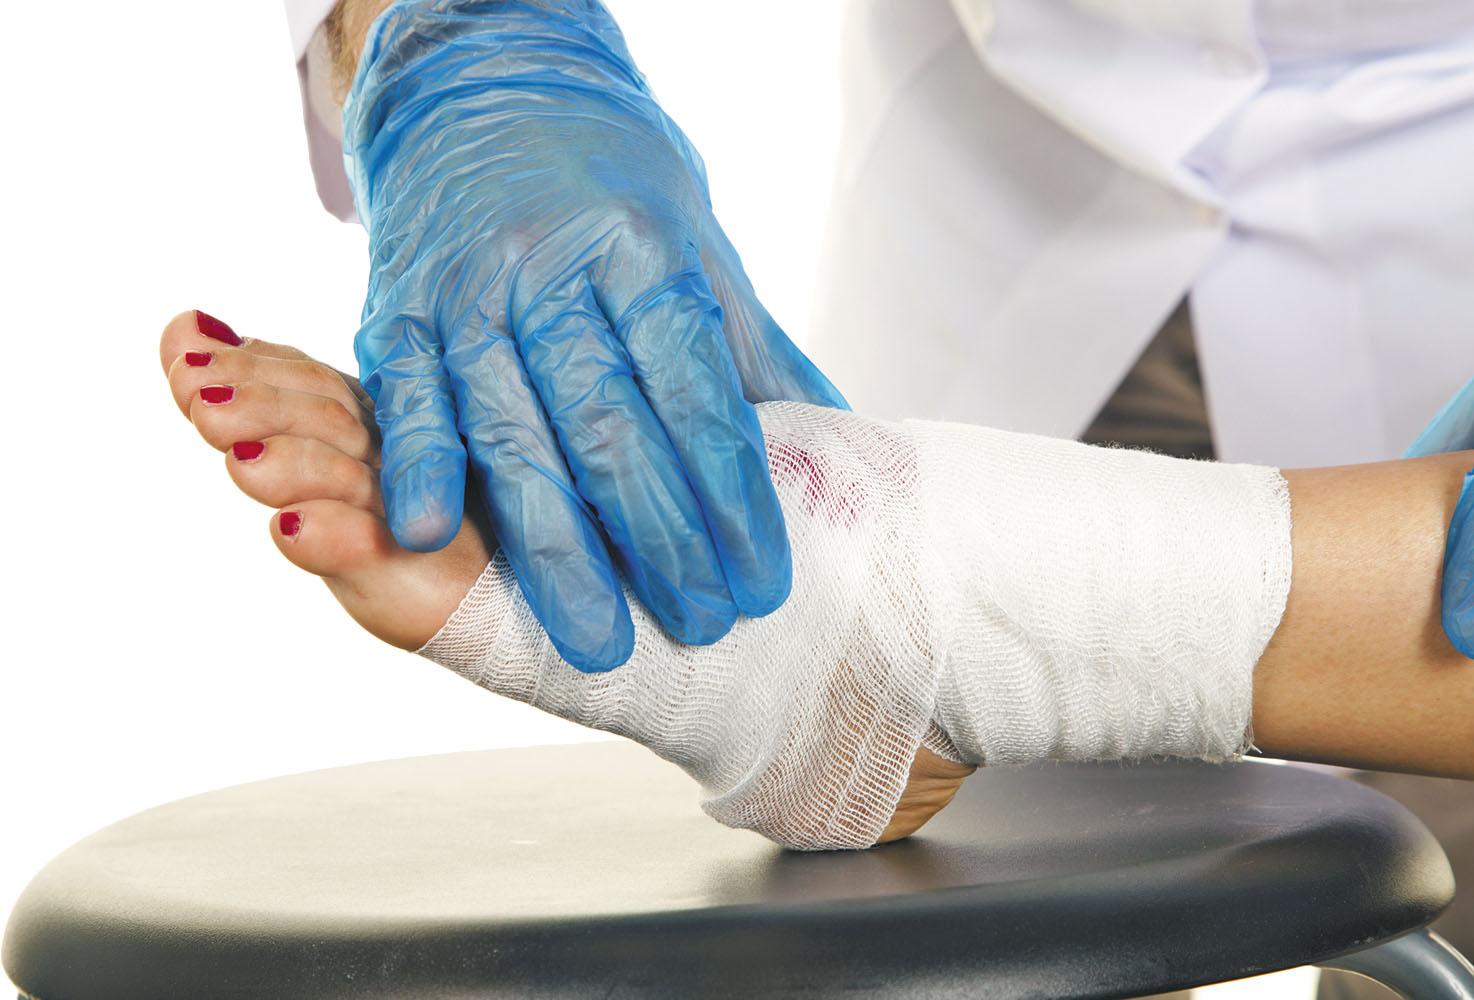 mengobati luka diabetes dengan perban